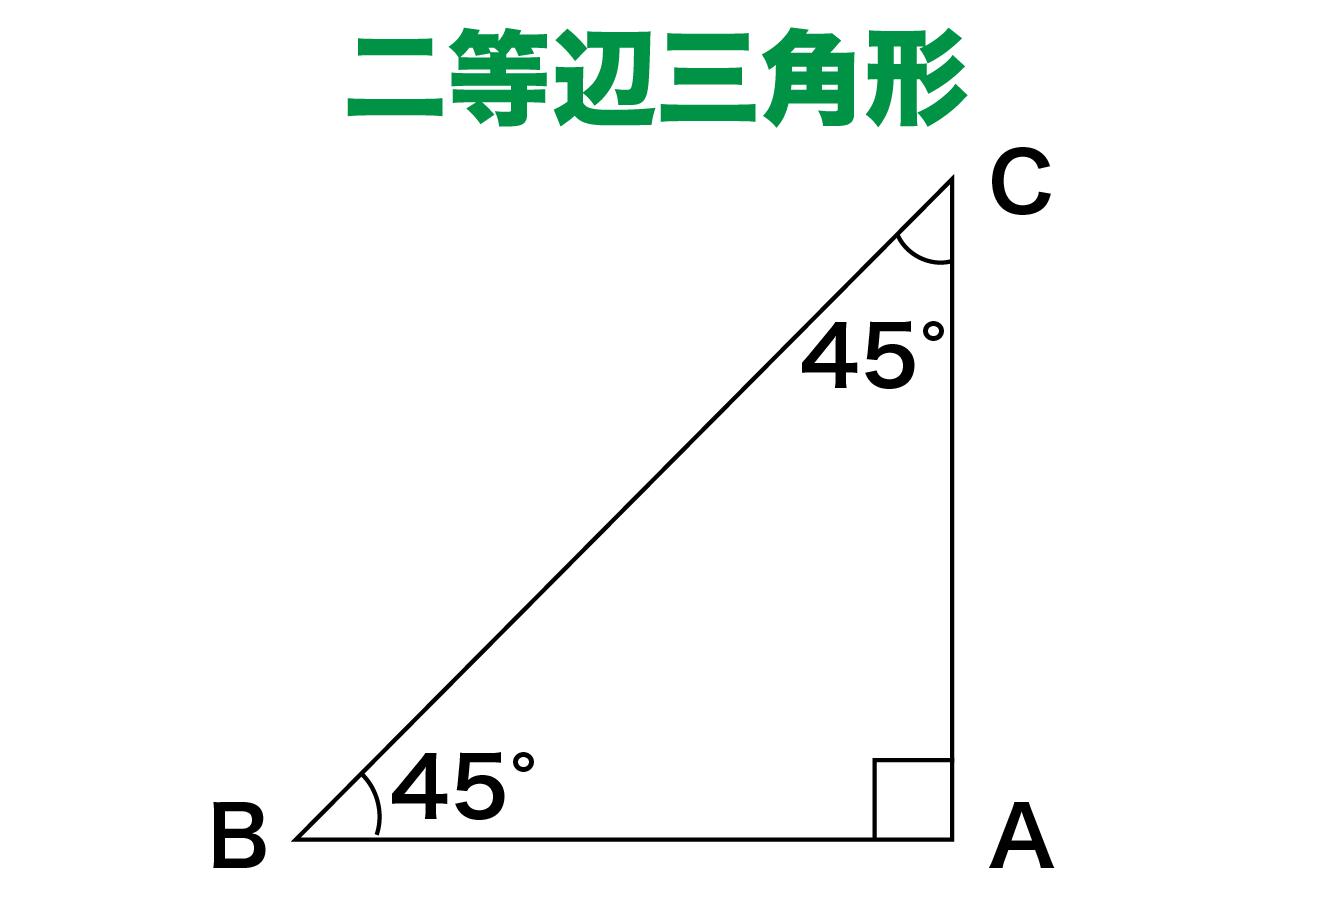 直角二等辺三角形の定義